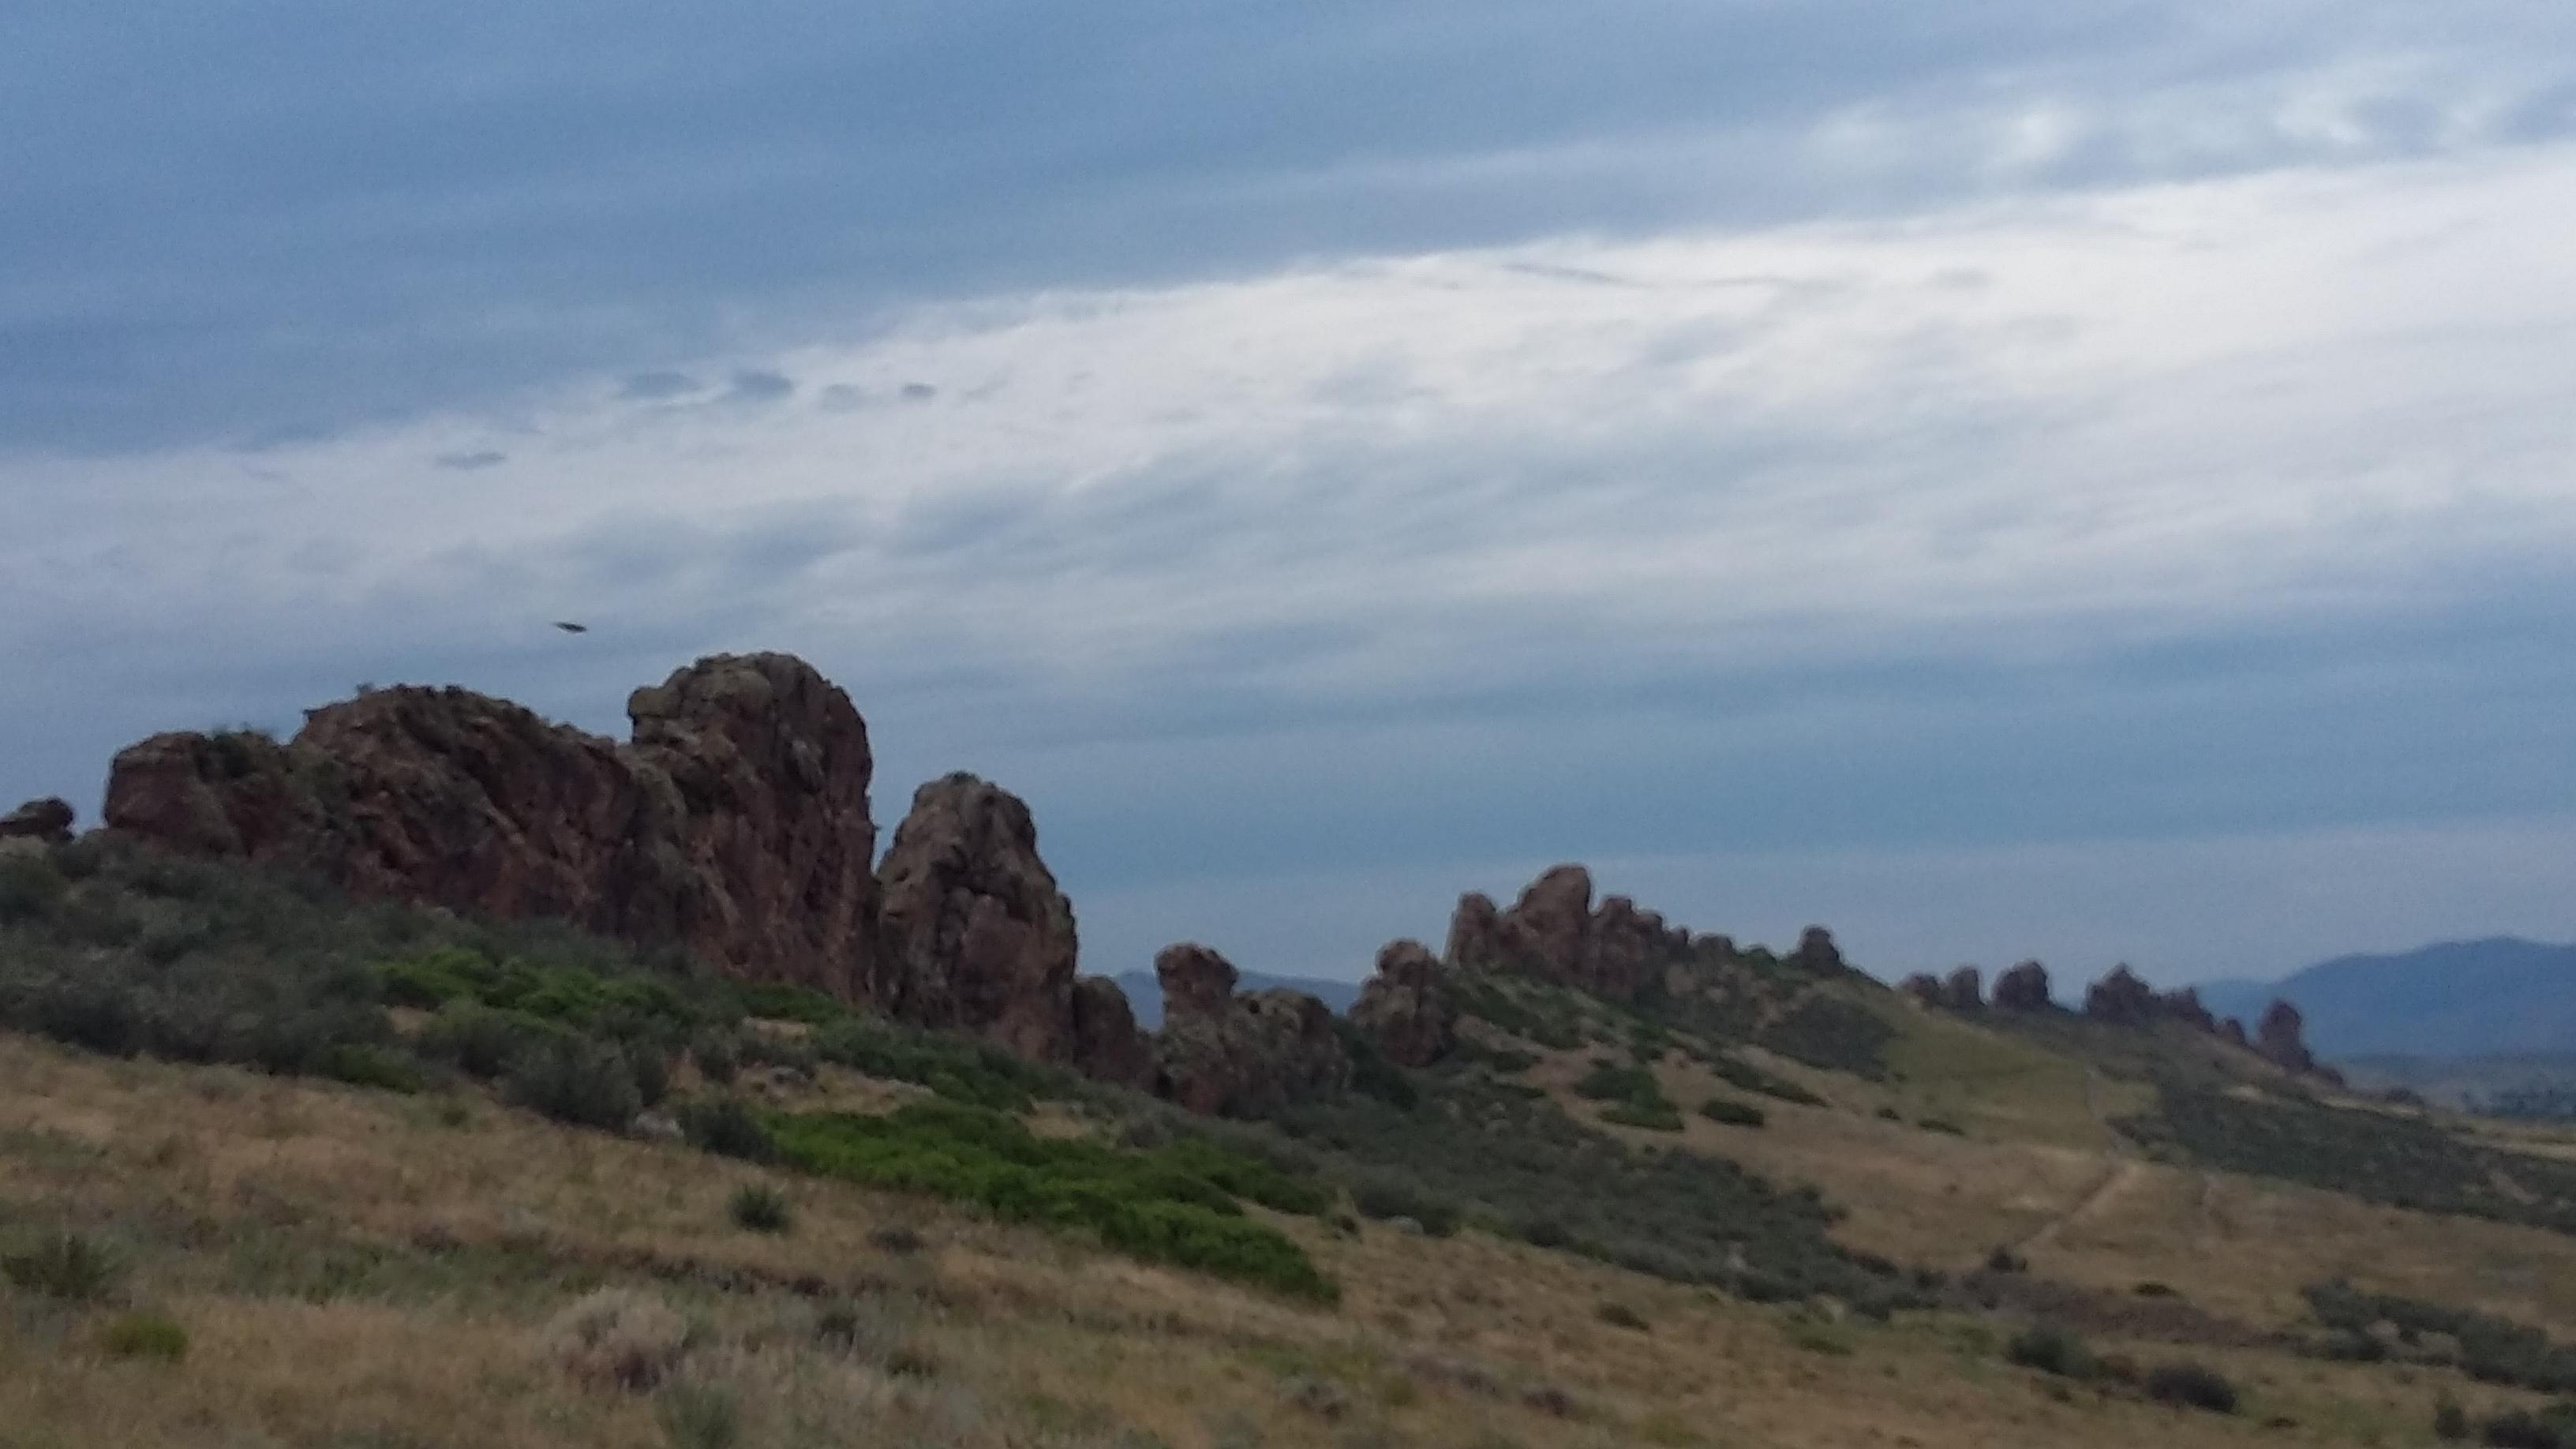 Loveland, Colorado (United States)